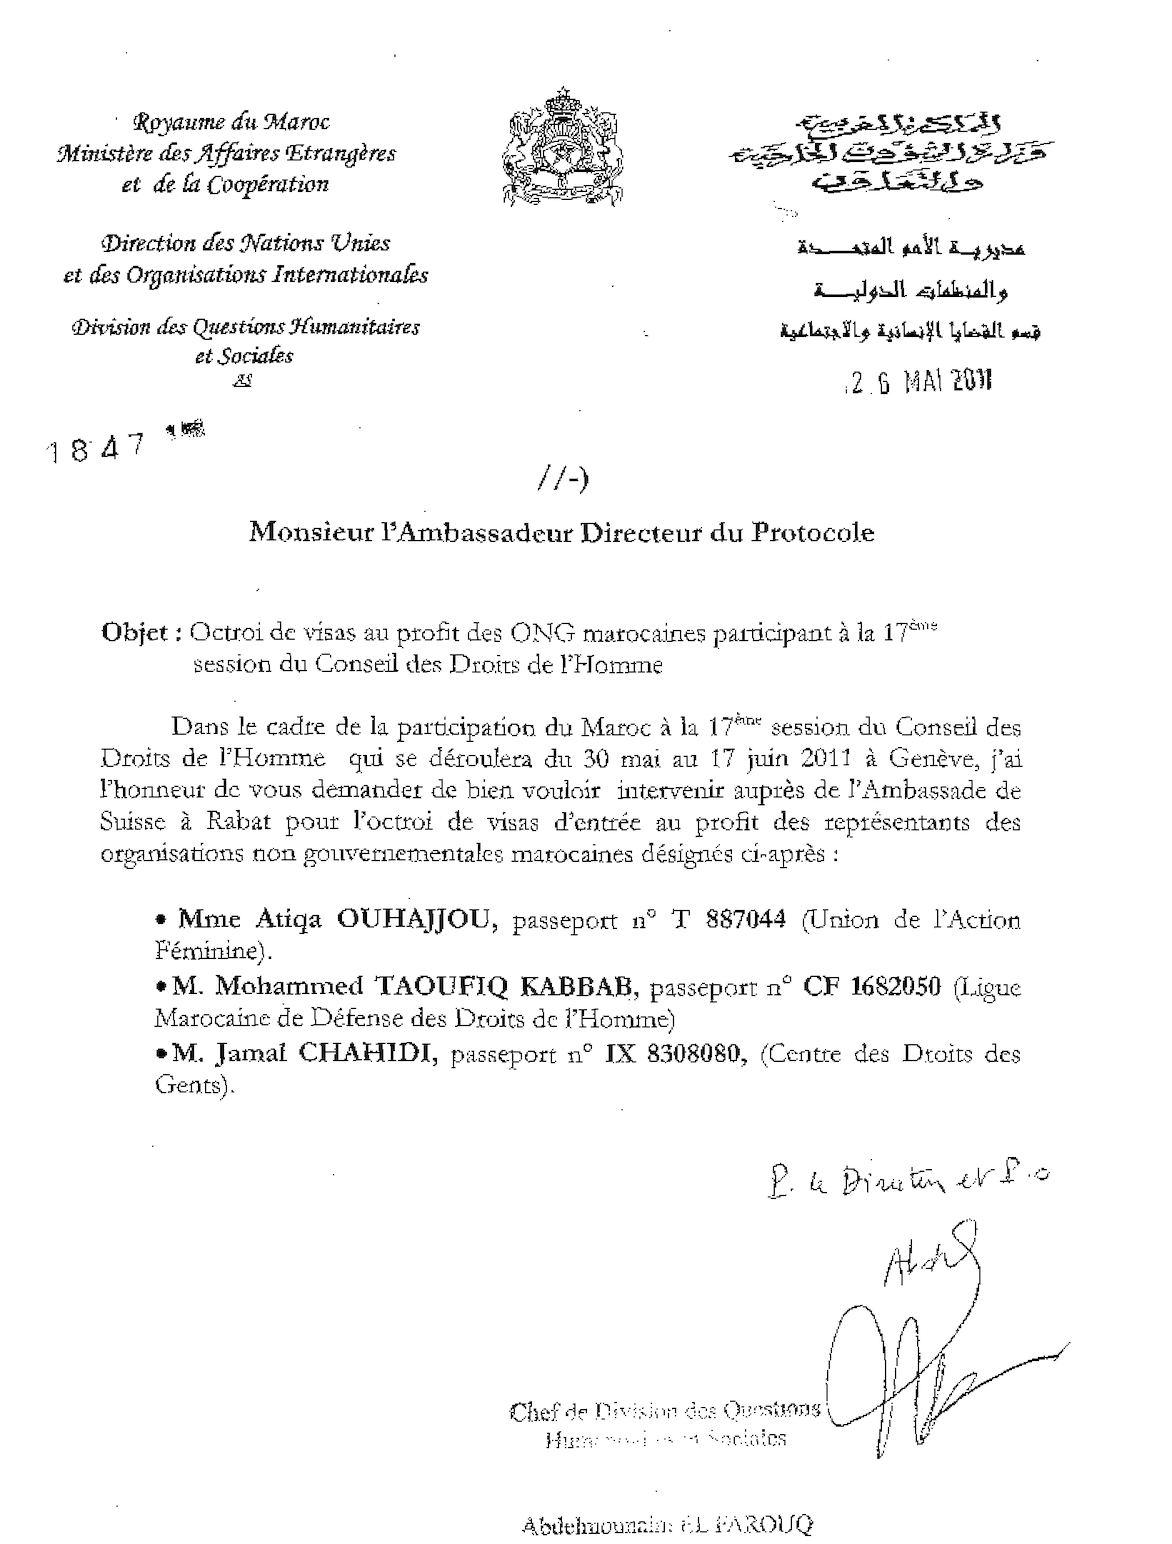 1847 Protocole